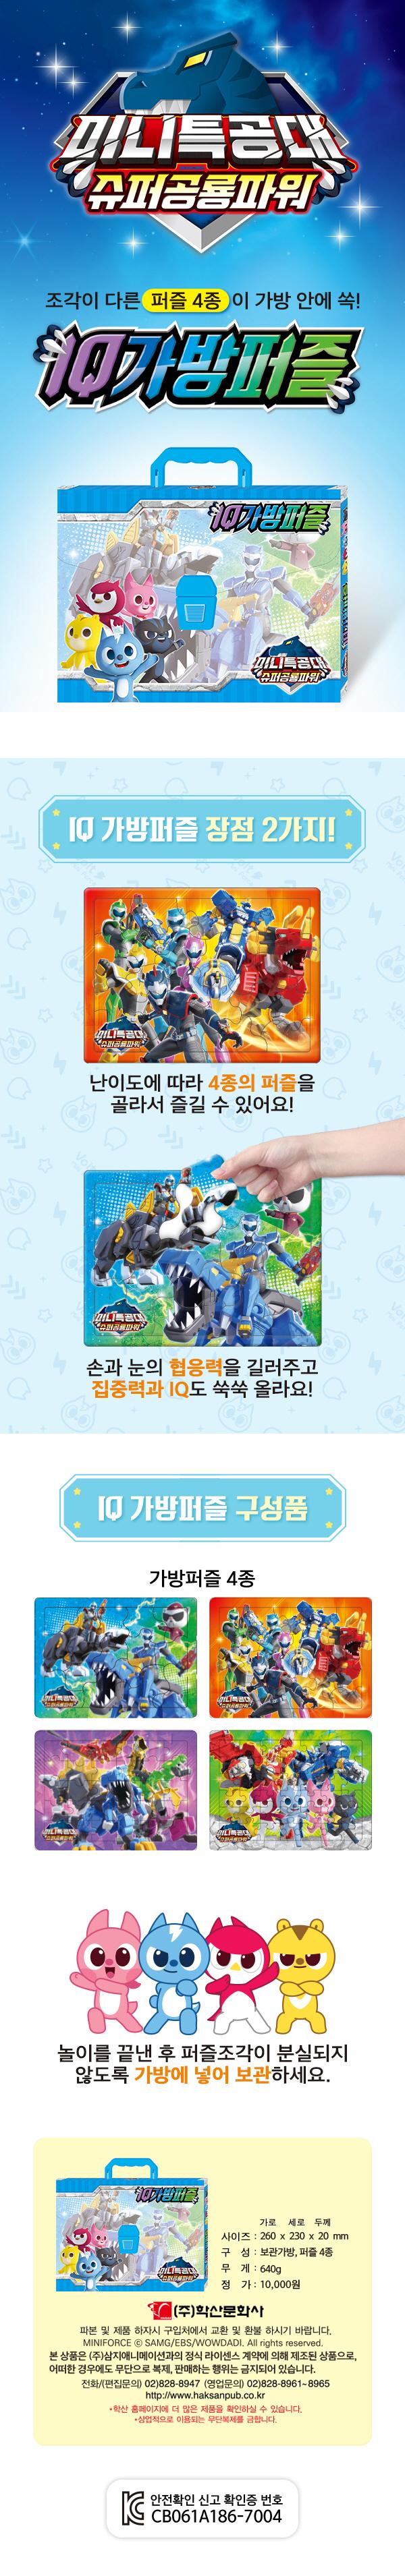 미니특공대 슈퍼공룡파워 IQ 가방퍼즐 도서 상세이미지